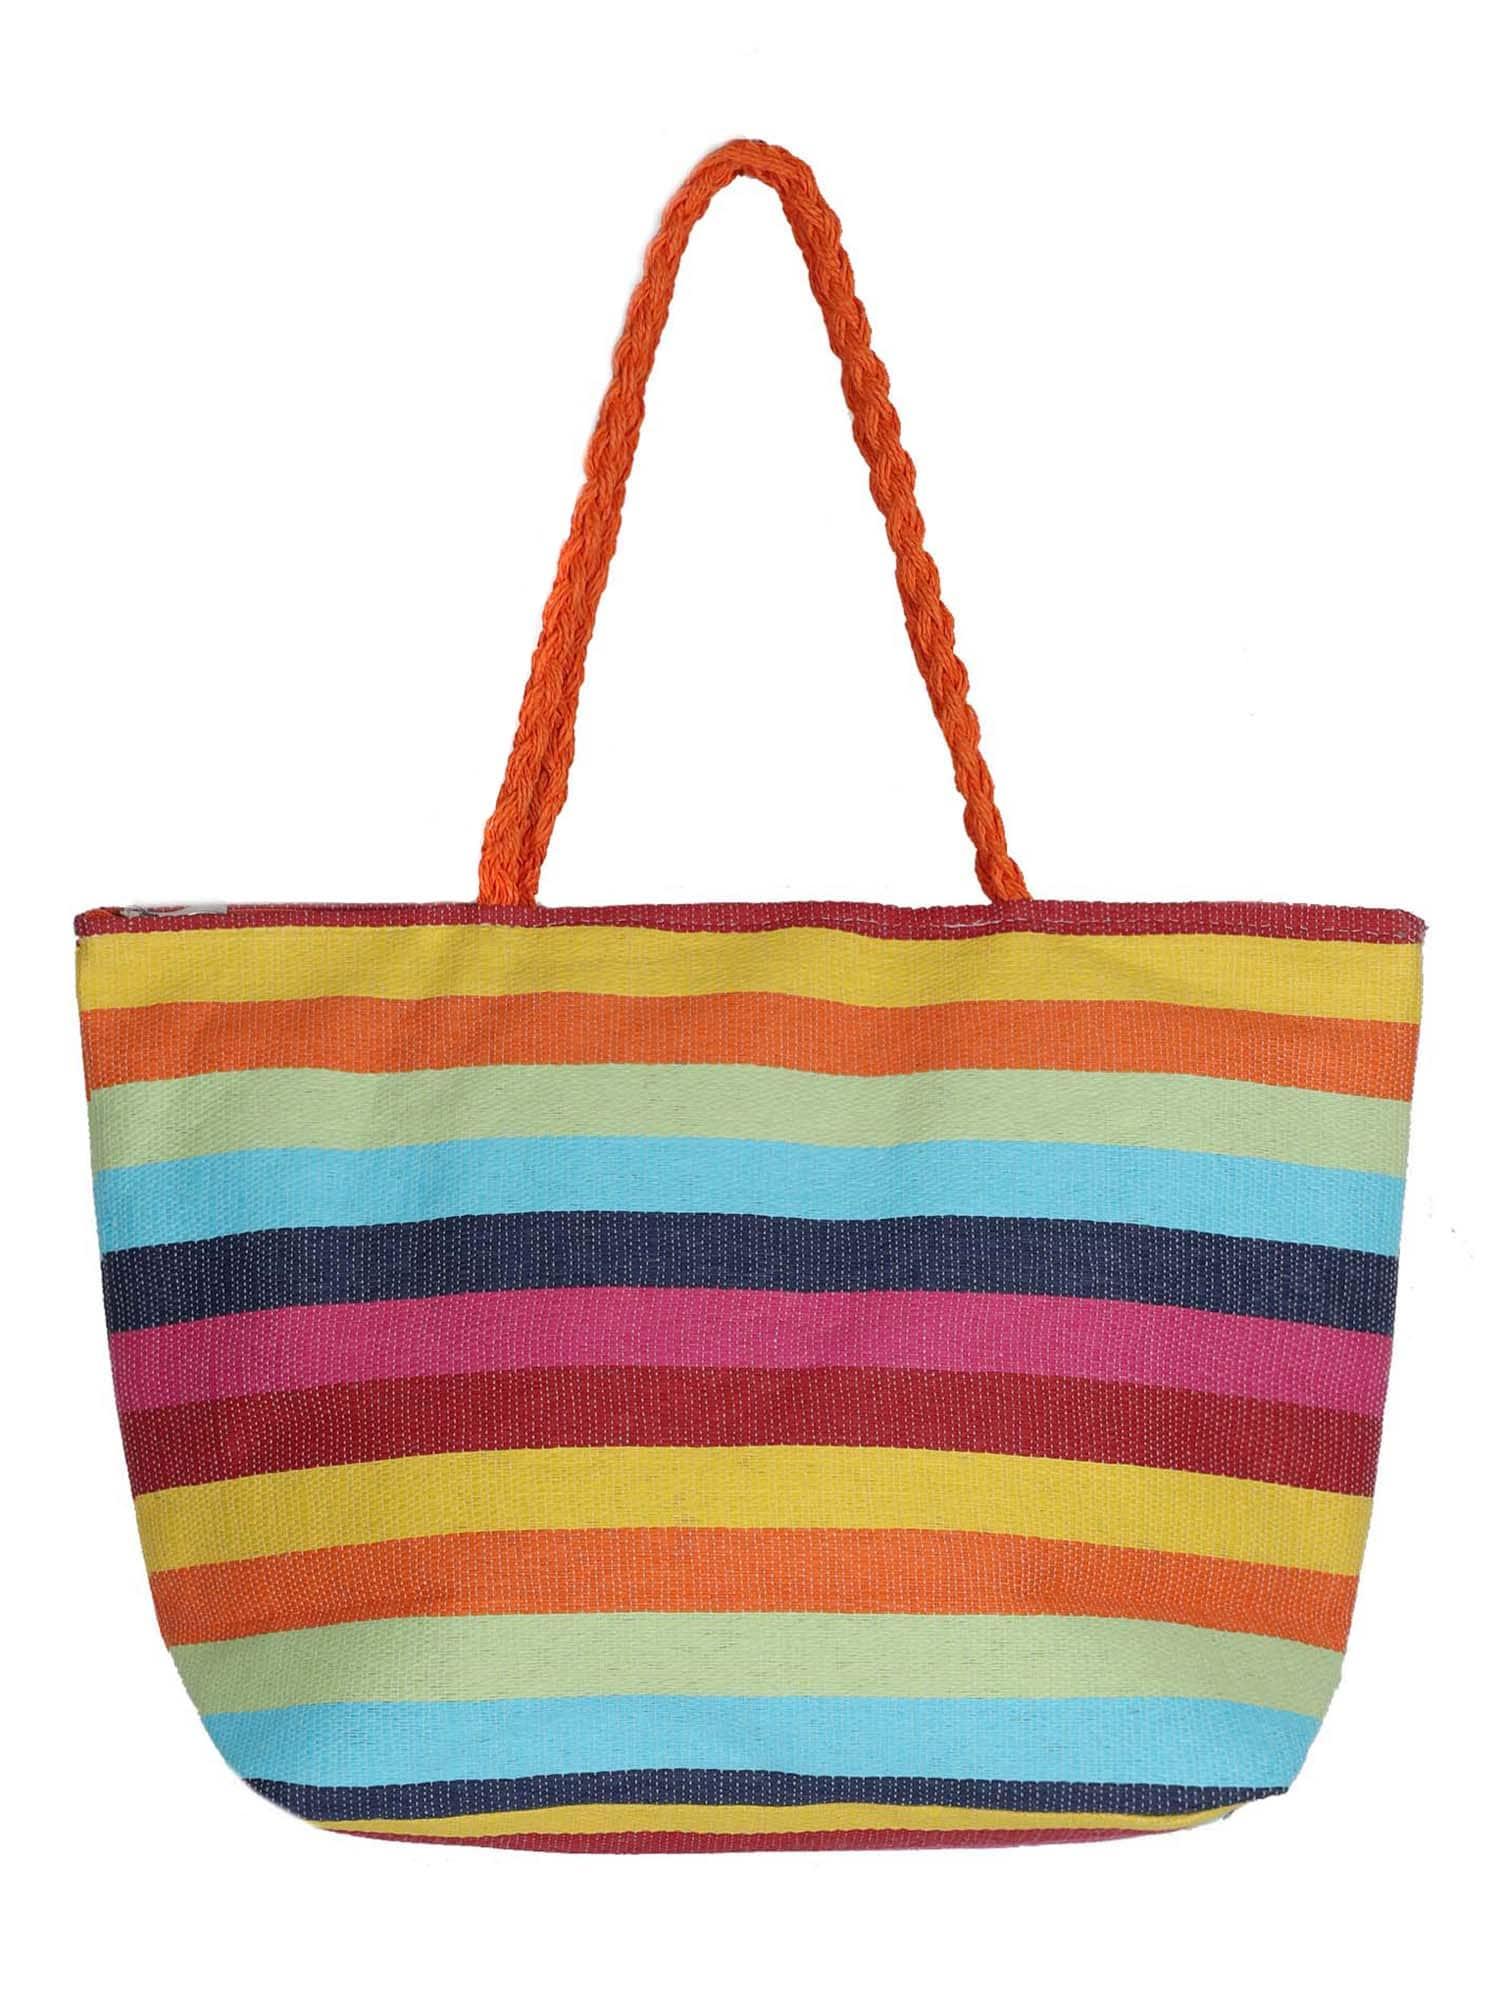 ABOUT YOU Paplūdimio krepšys 'Patricia' mišrios spalvos